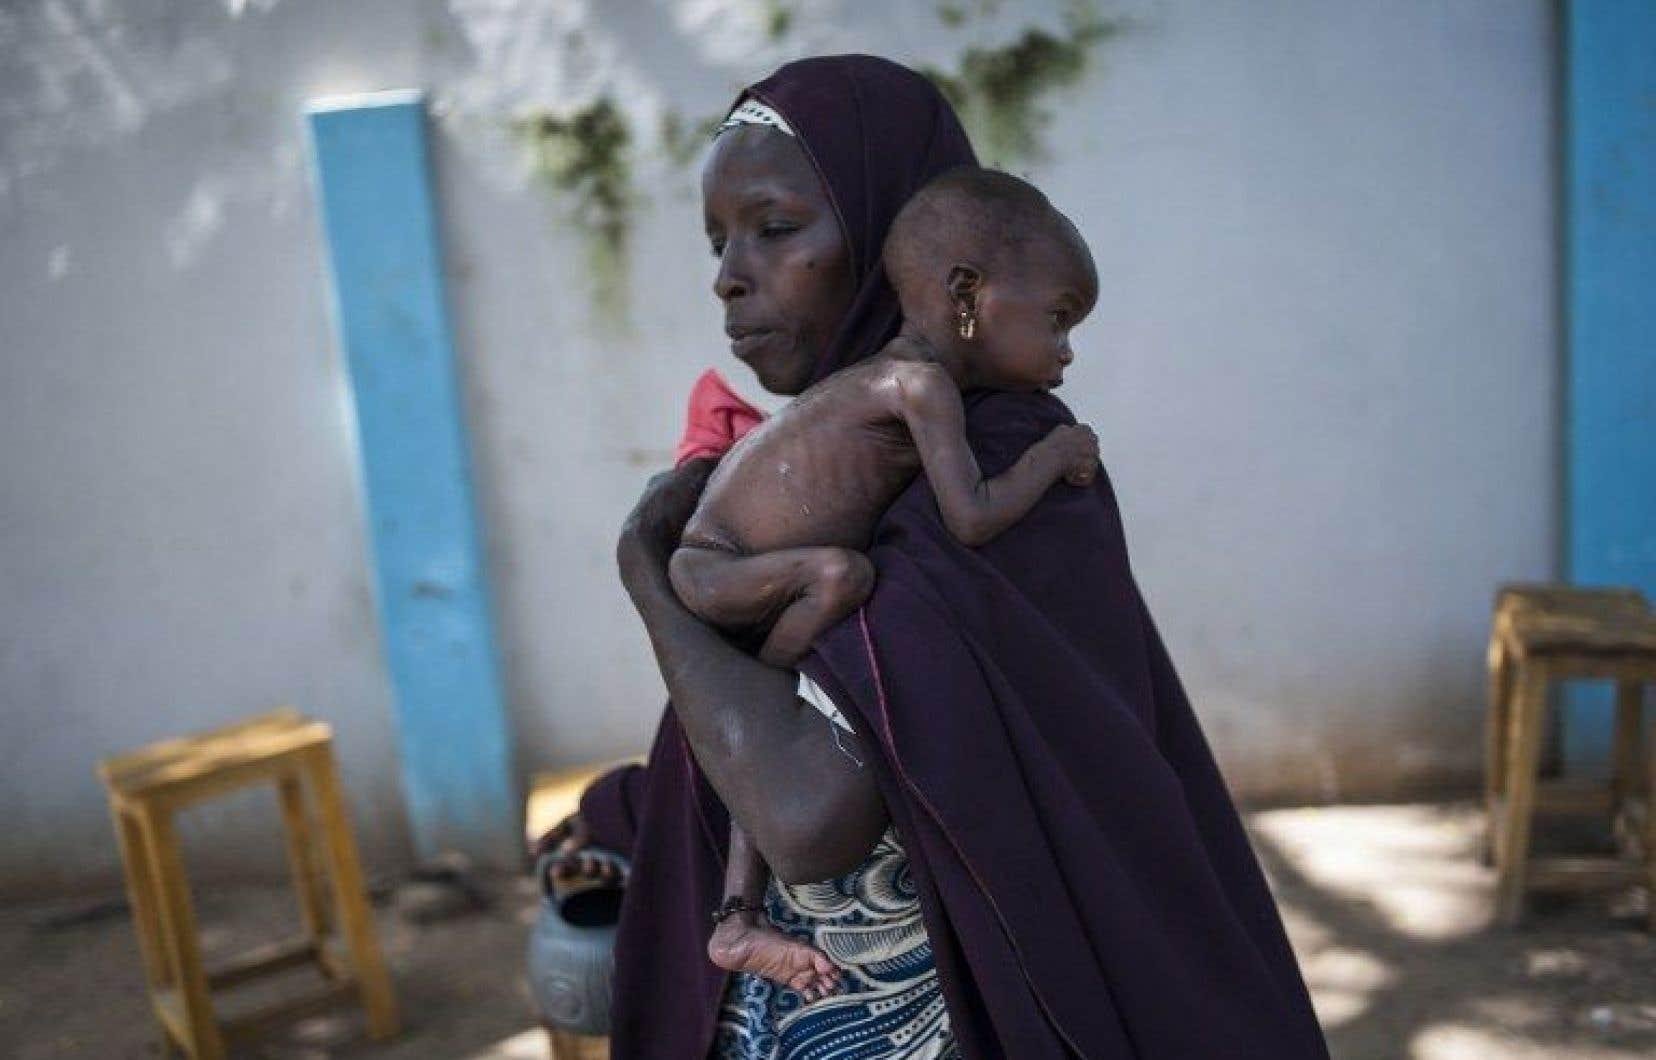 La malnutrition affecte toujours 156 millions d'enfants de moins de cinq ans dans le monde.